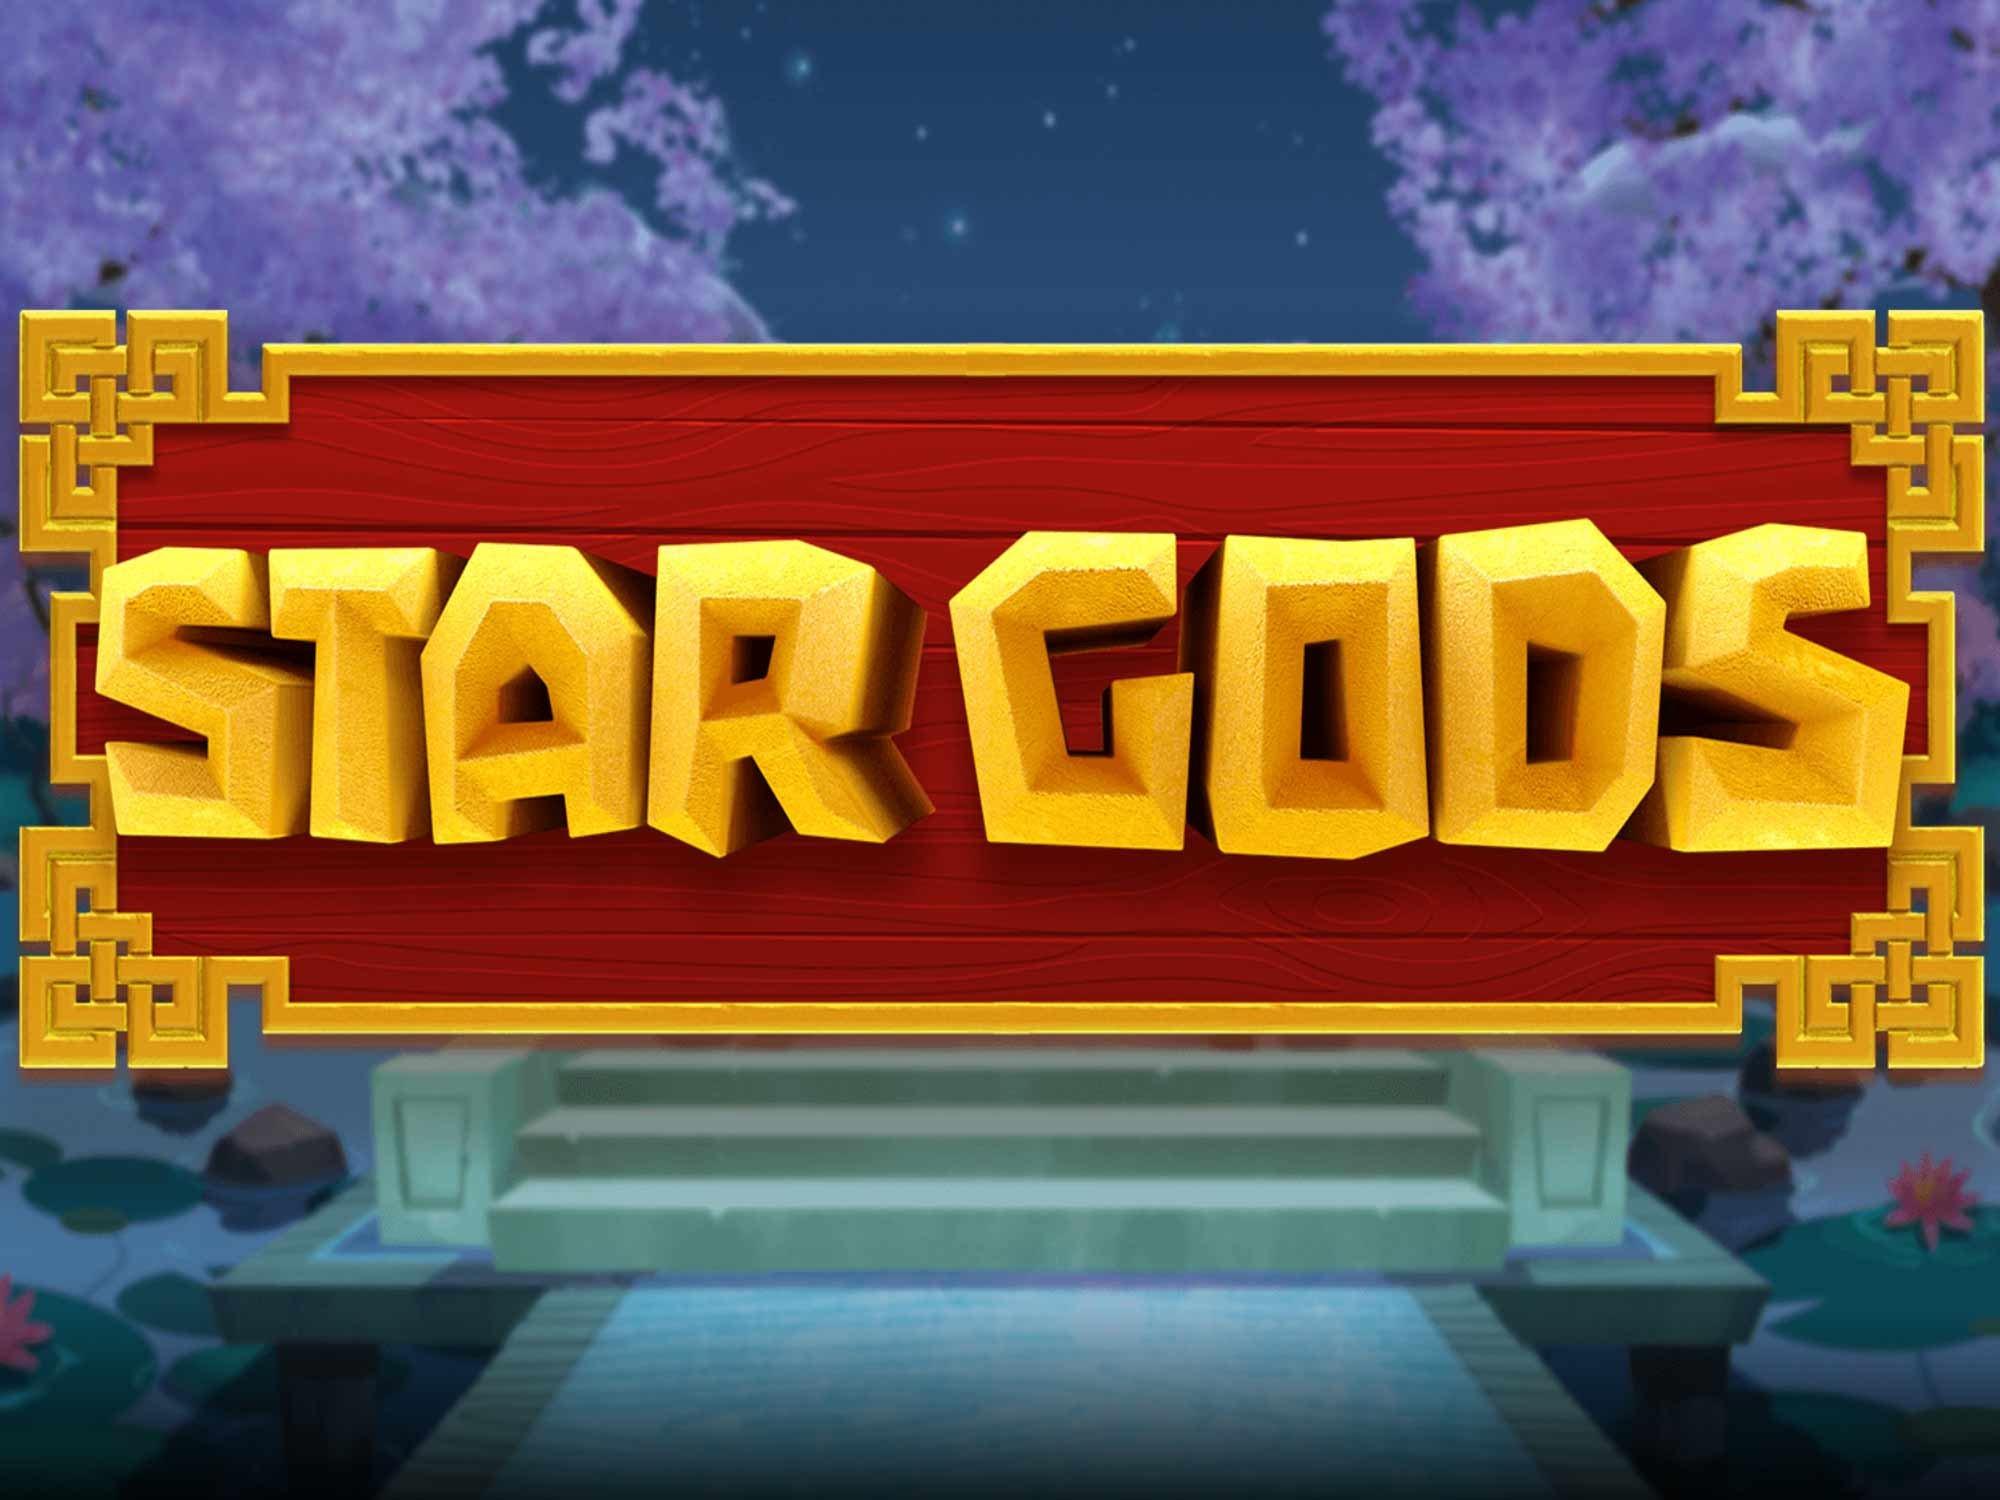 Star Gods image